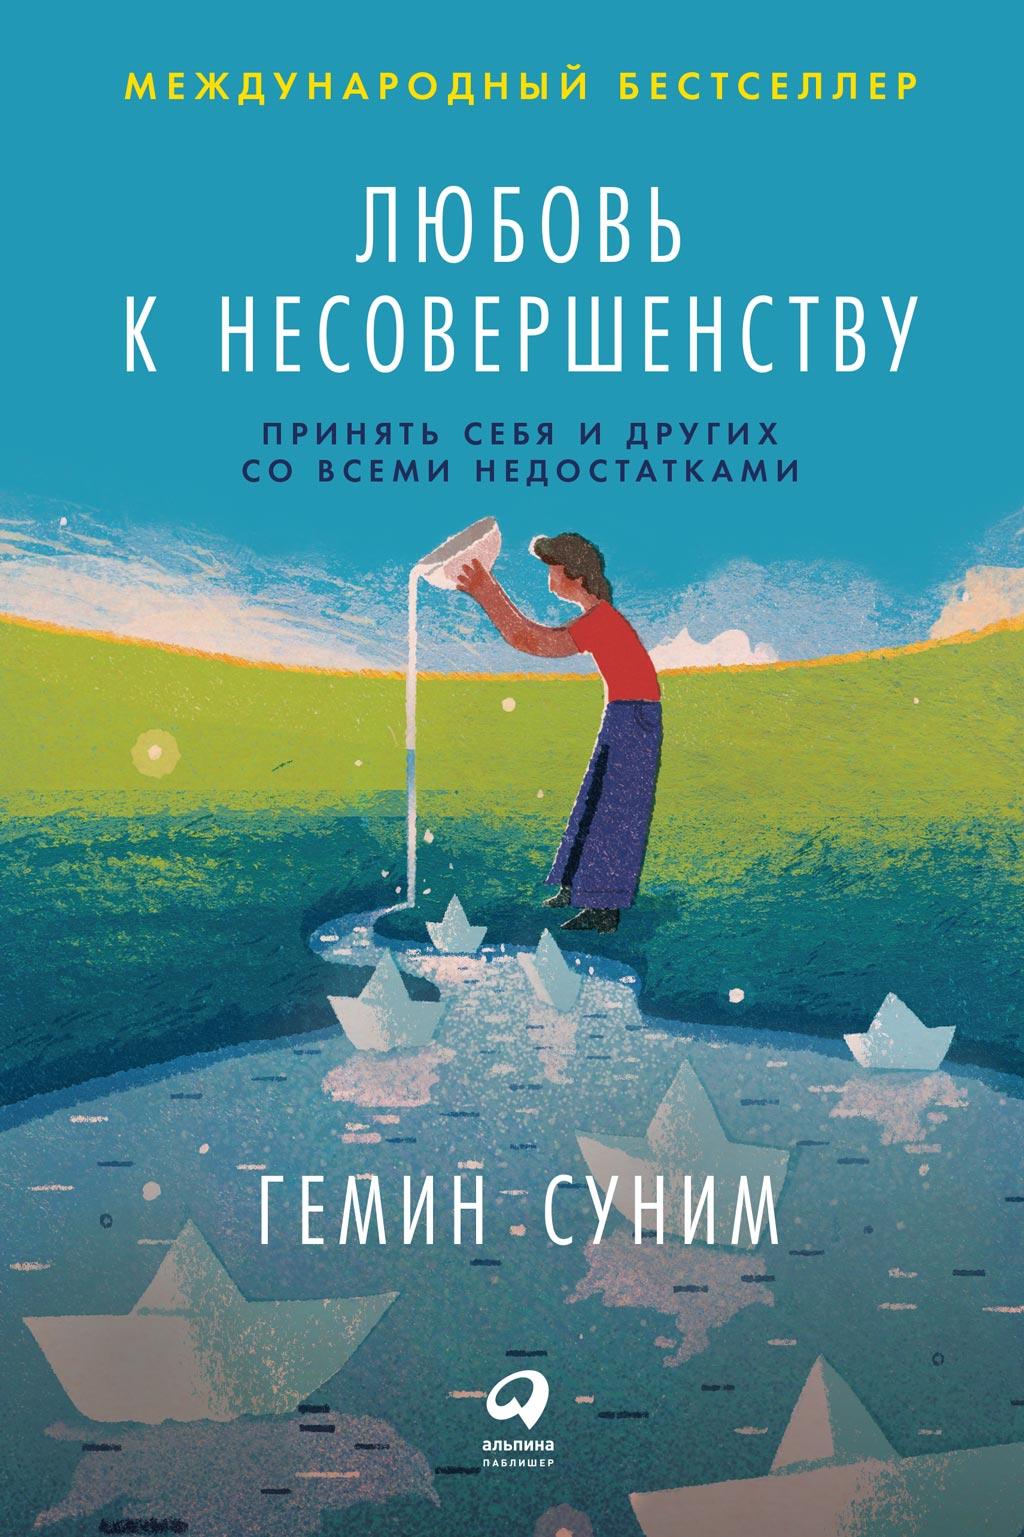 Гемин Суним, Анастасия Маркелова «Любовь к несовершенству. Принять себя и других со всеми недостатками»